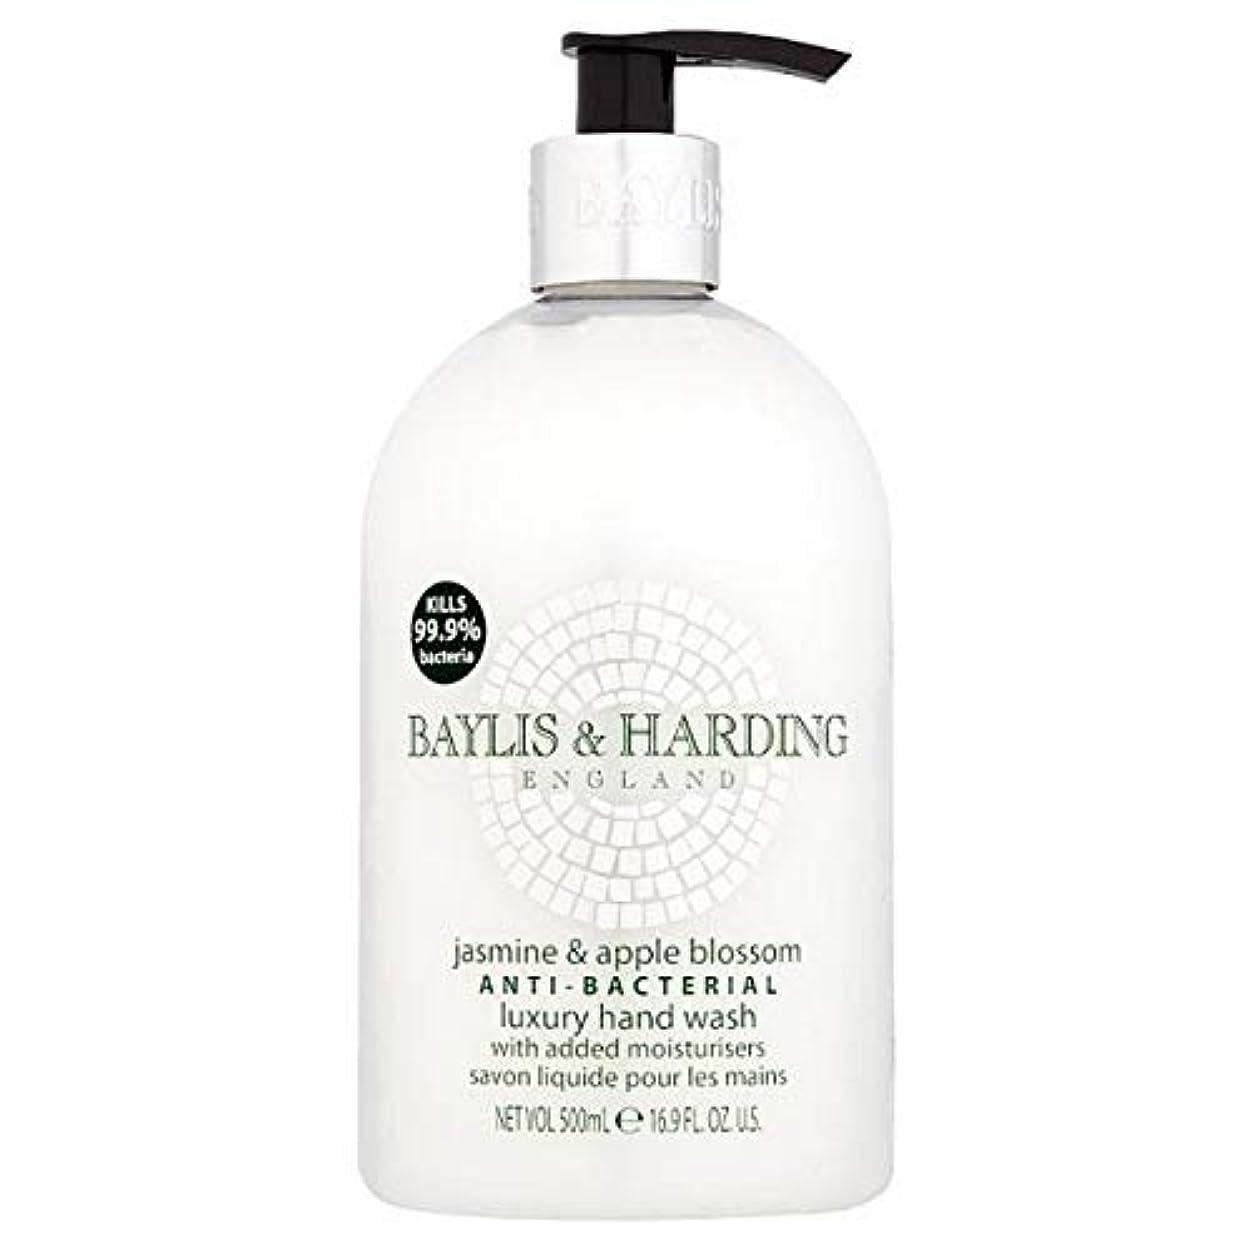 責め丁寧霧深い[Baylis & Harding ] ベイリス&ハーディング署名抗菌手洗い用500ミリリットル - Baylis & Harding Signature Antibacterial Hand Wash 500ml [並行輸入品]